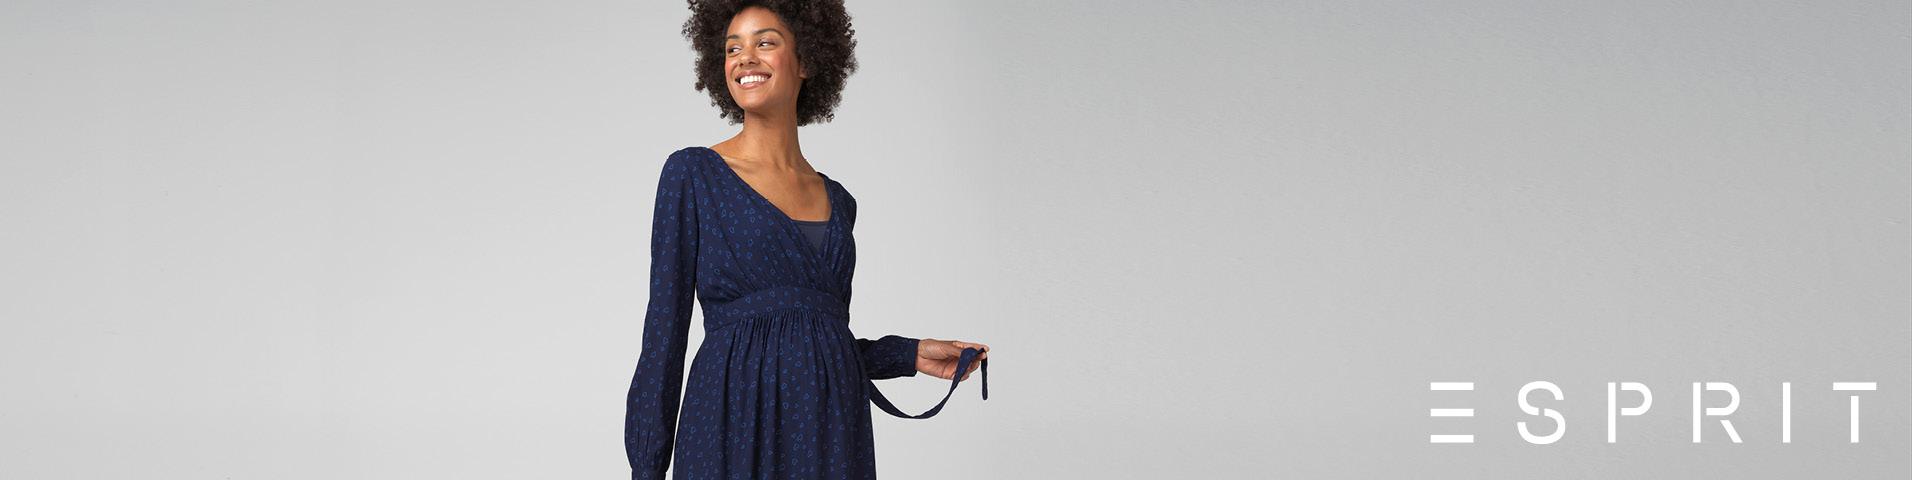 Esprit Maternity | La nuova collezione online su Zalando